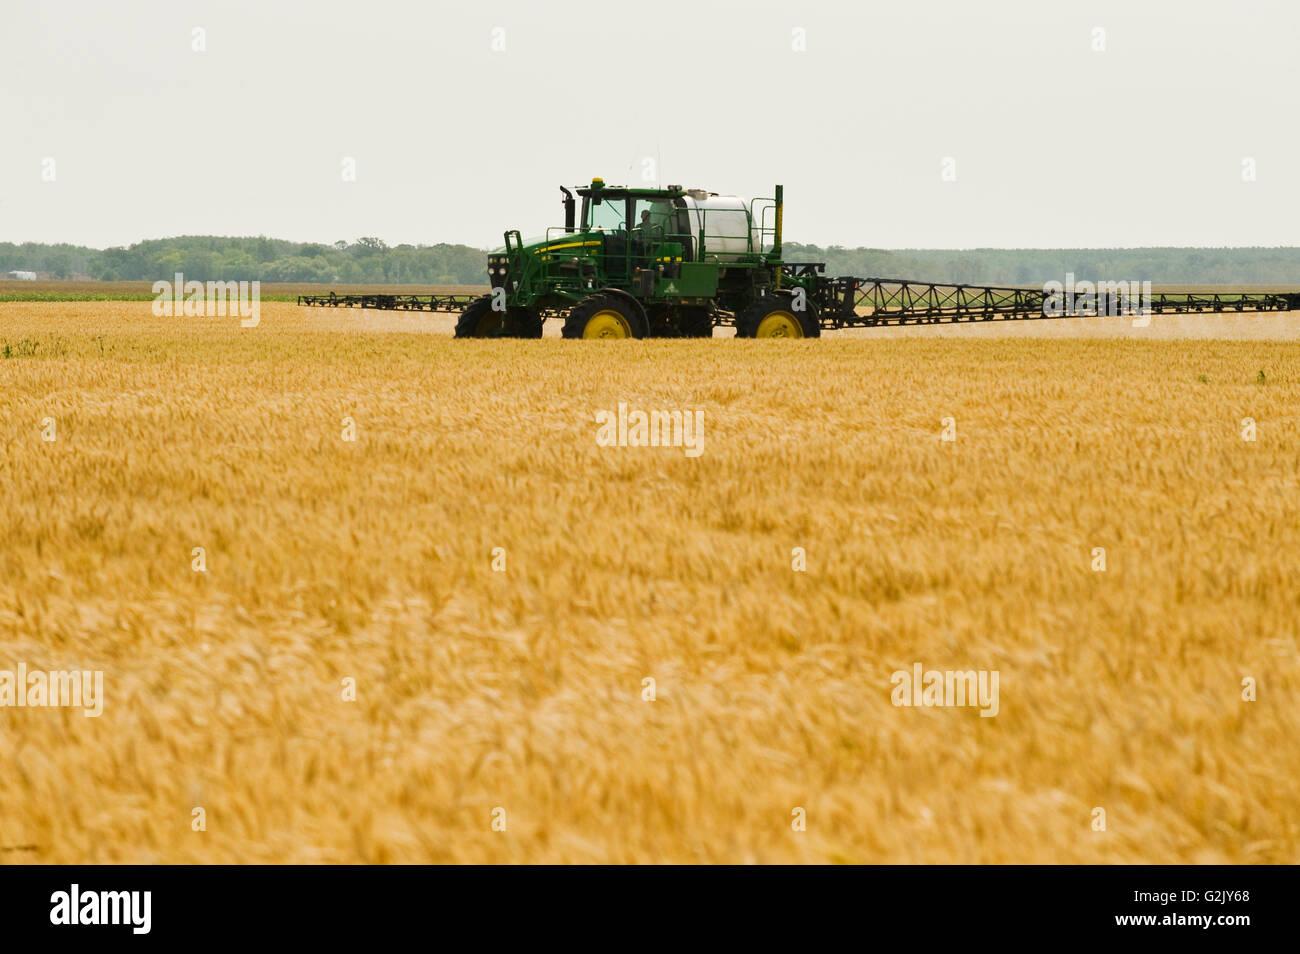 Una pulverizadora de alto despeje proporciona una aplicación de herbicidas químicos para madurar el trigo Imagen De Stock